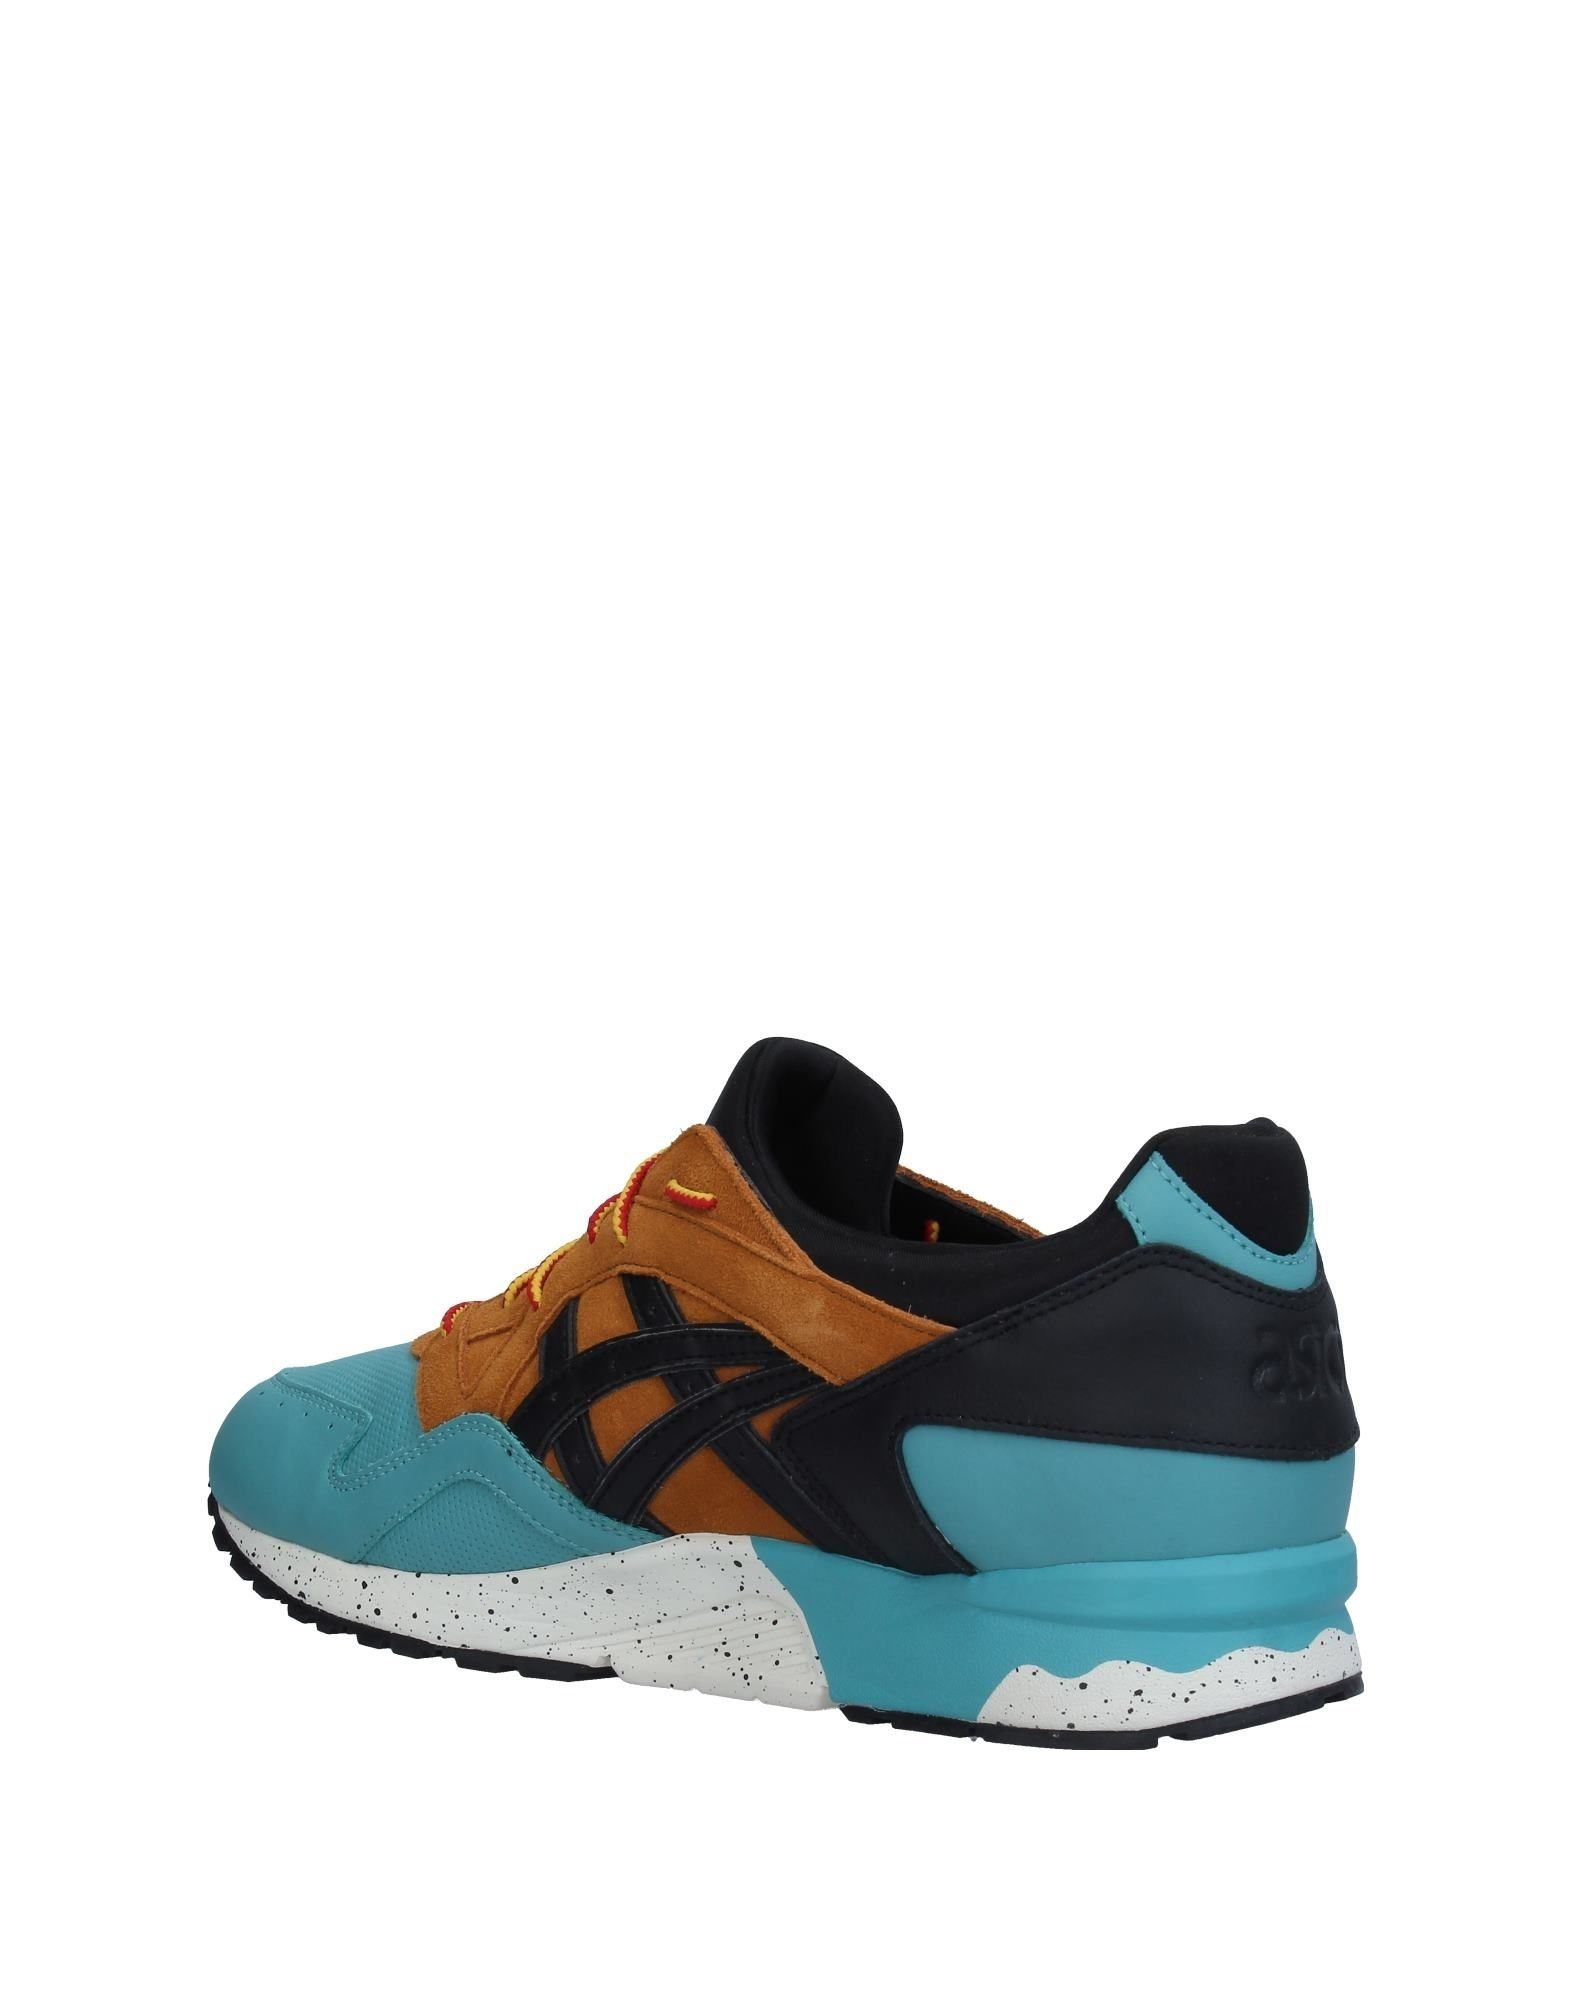 Asics Heiße Sneakers Herren  11331116MH Heiße Asics Schuhe c36fd4